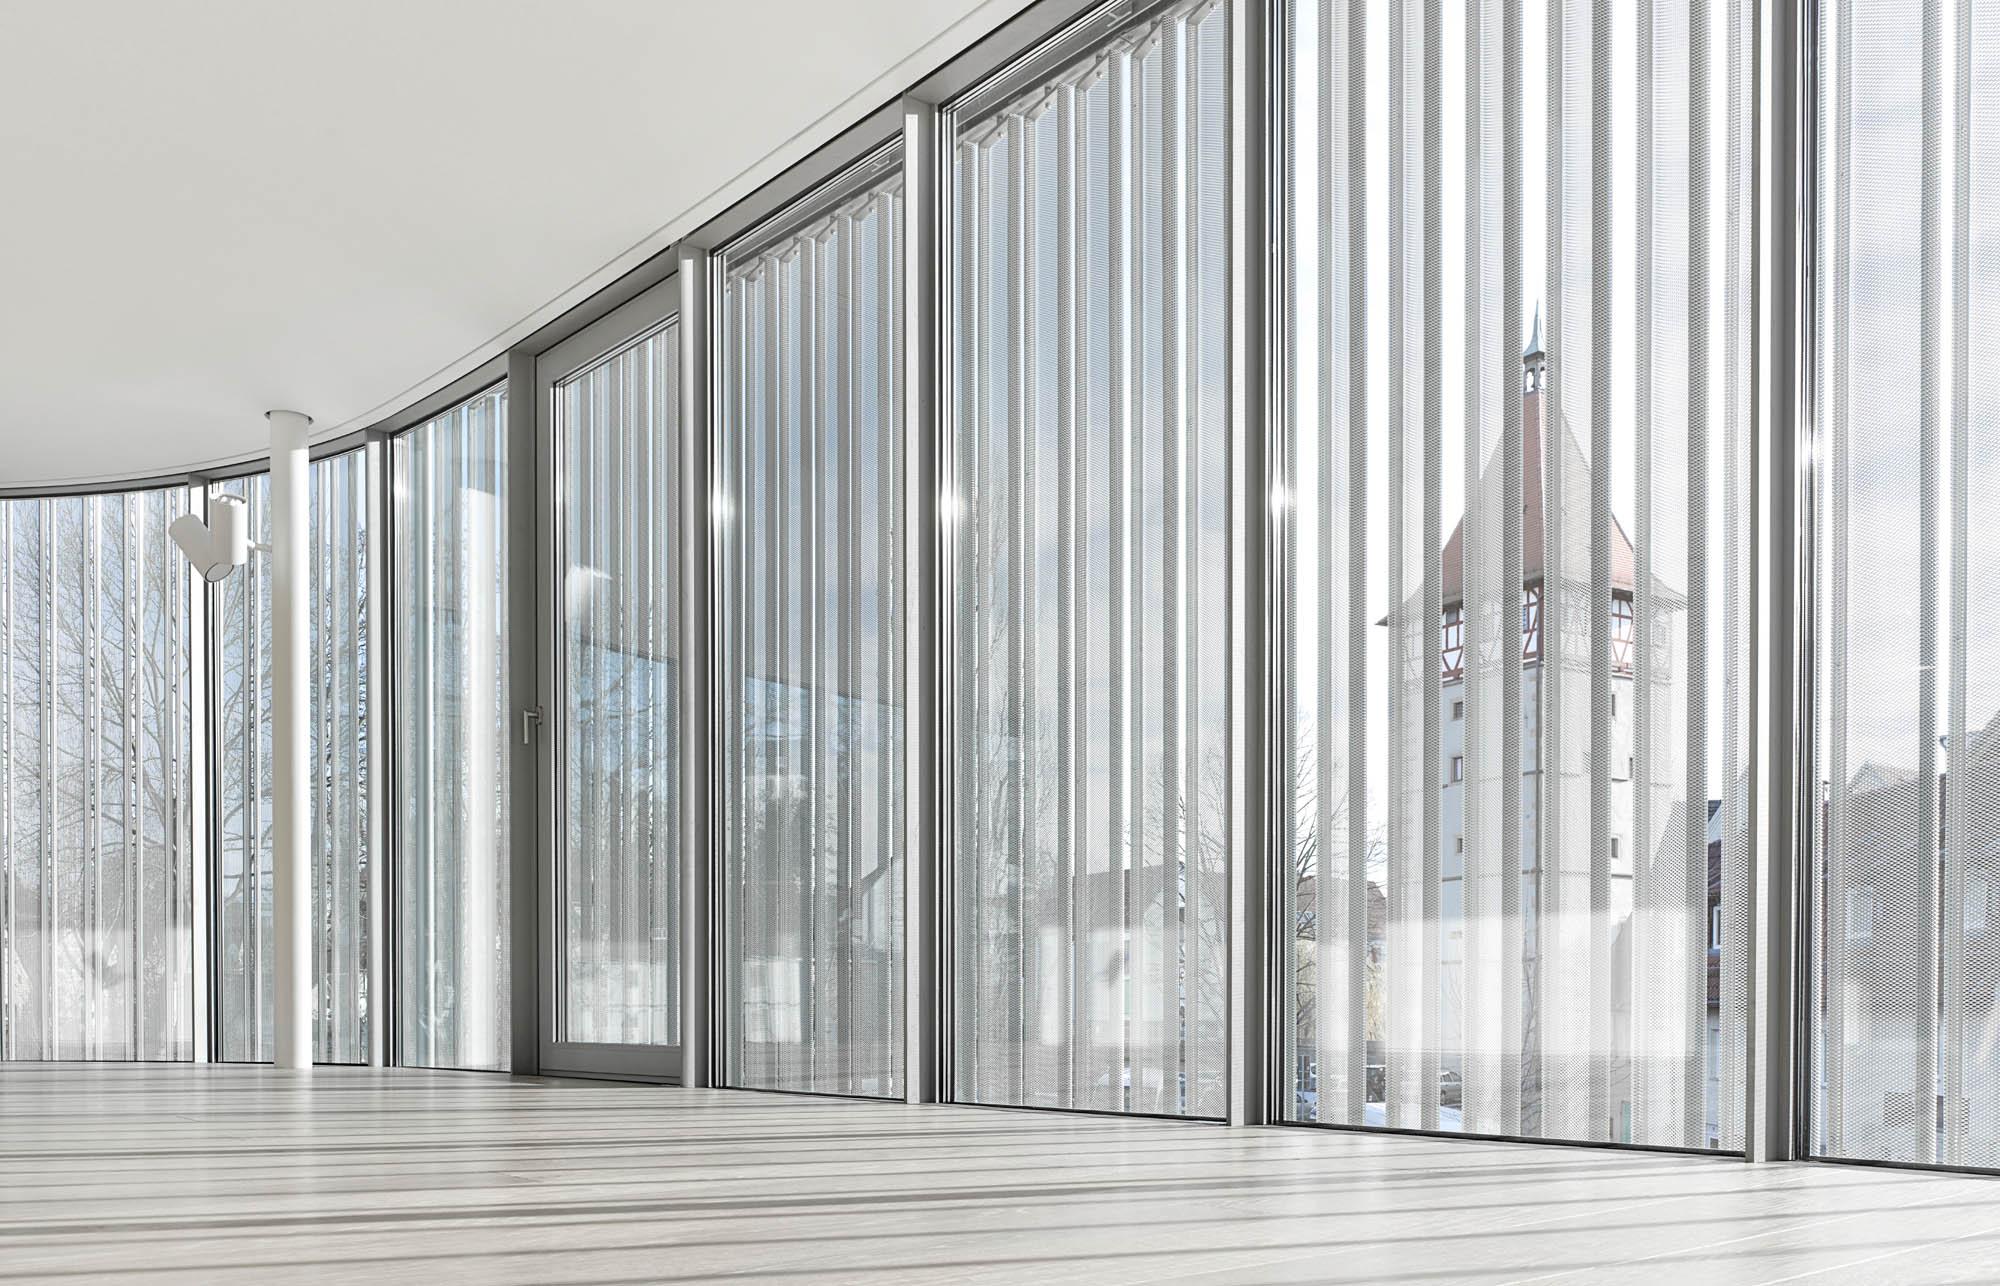 OPC 151213 0434 1 - Eva Mayr-Stihl Stiftung: Fotografie des neuen Verwaltungsgebäudes